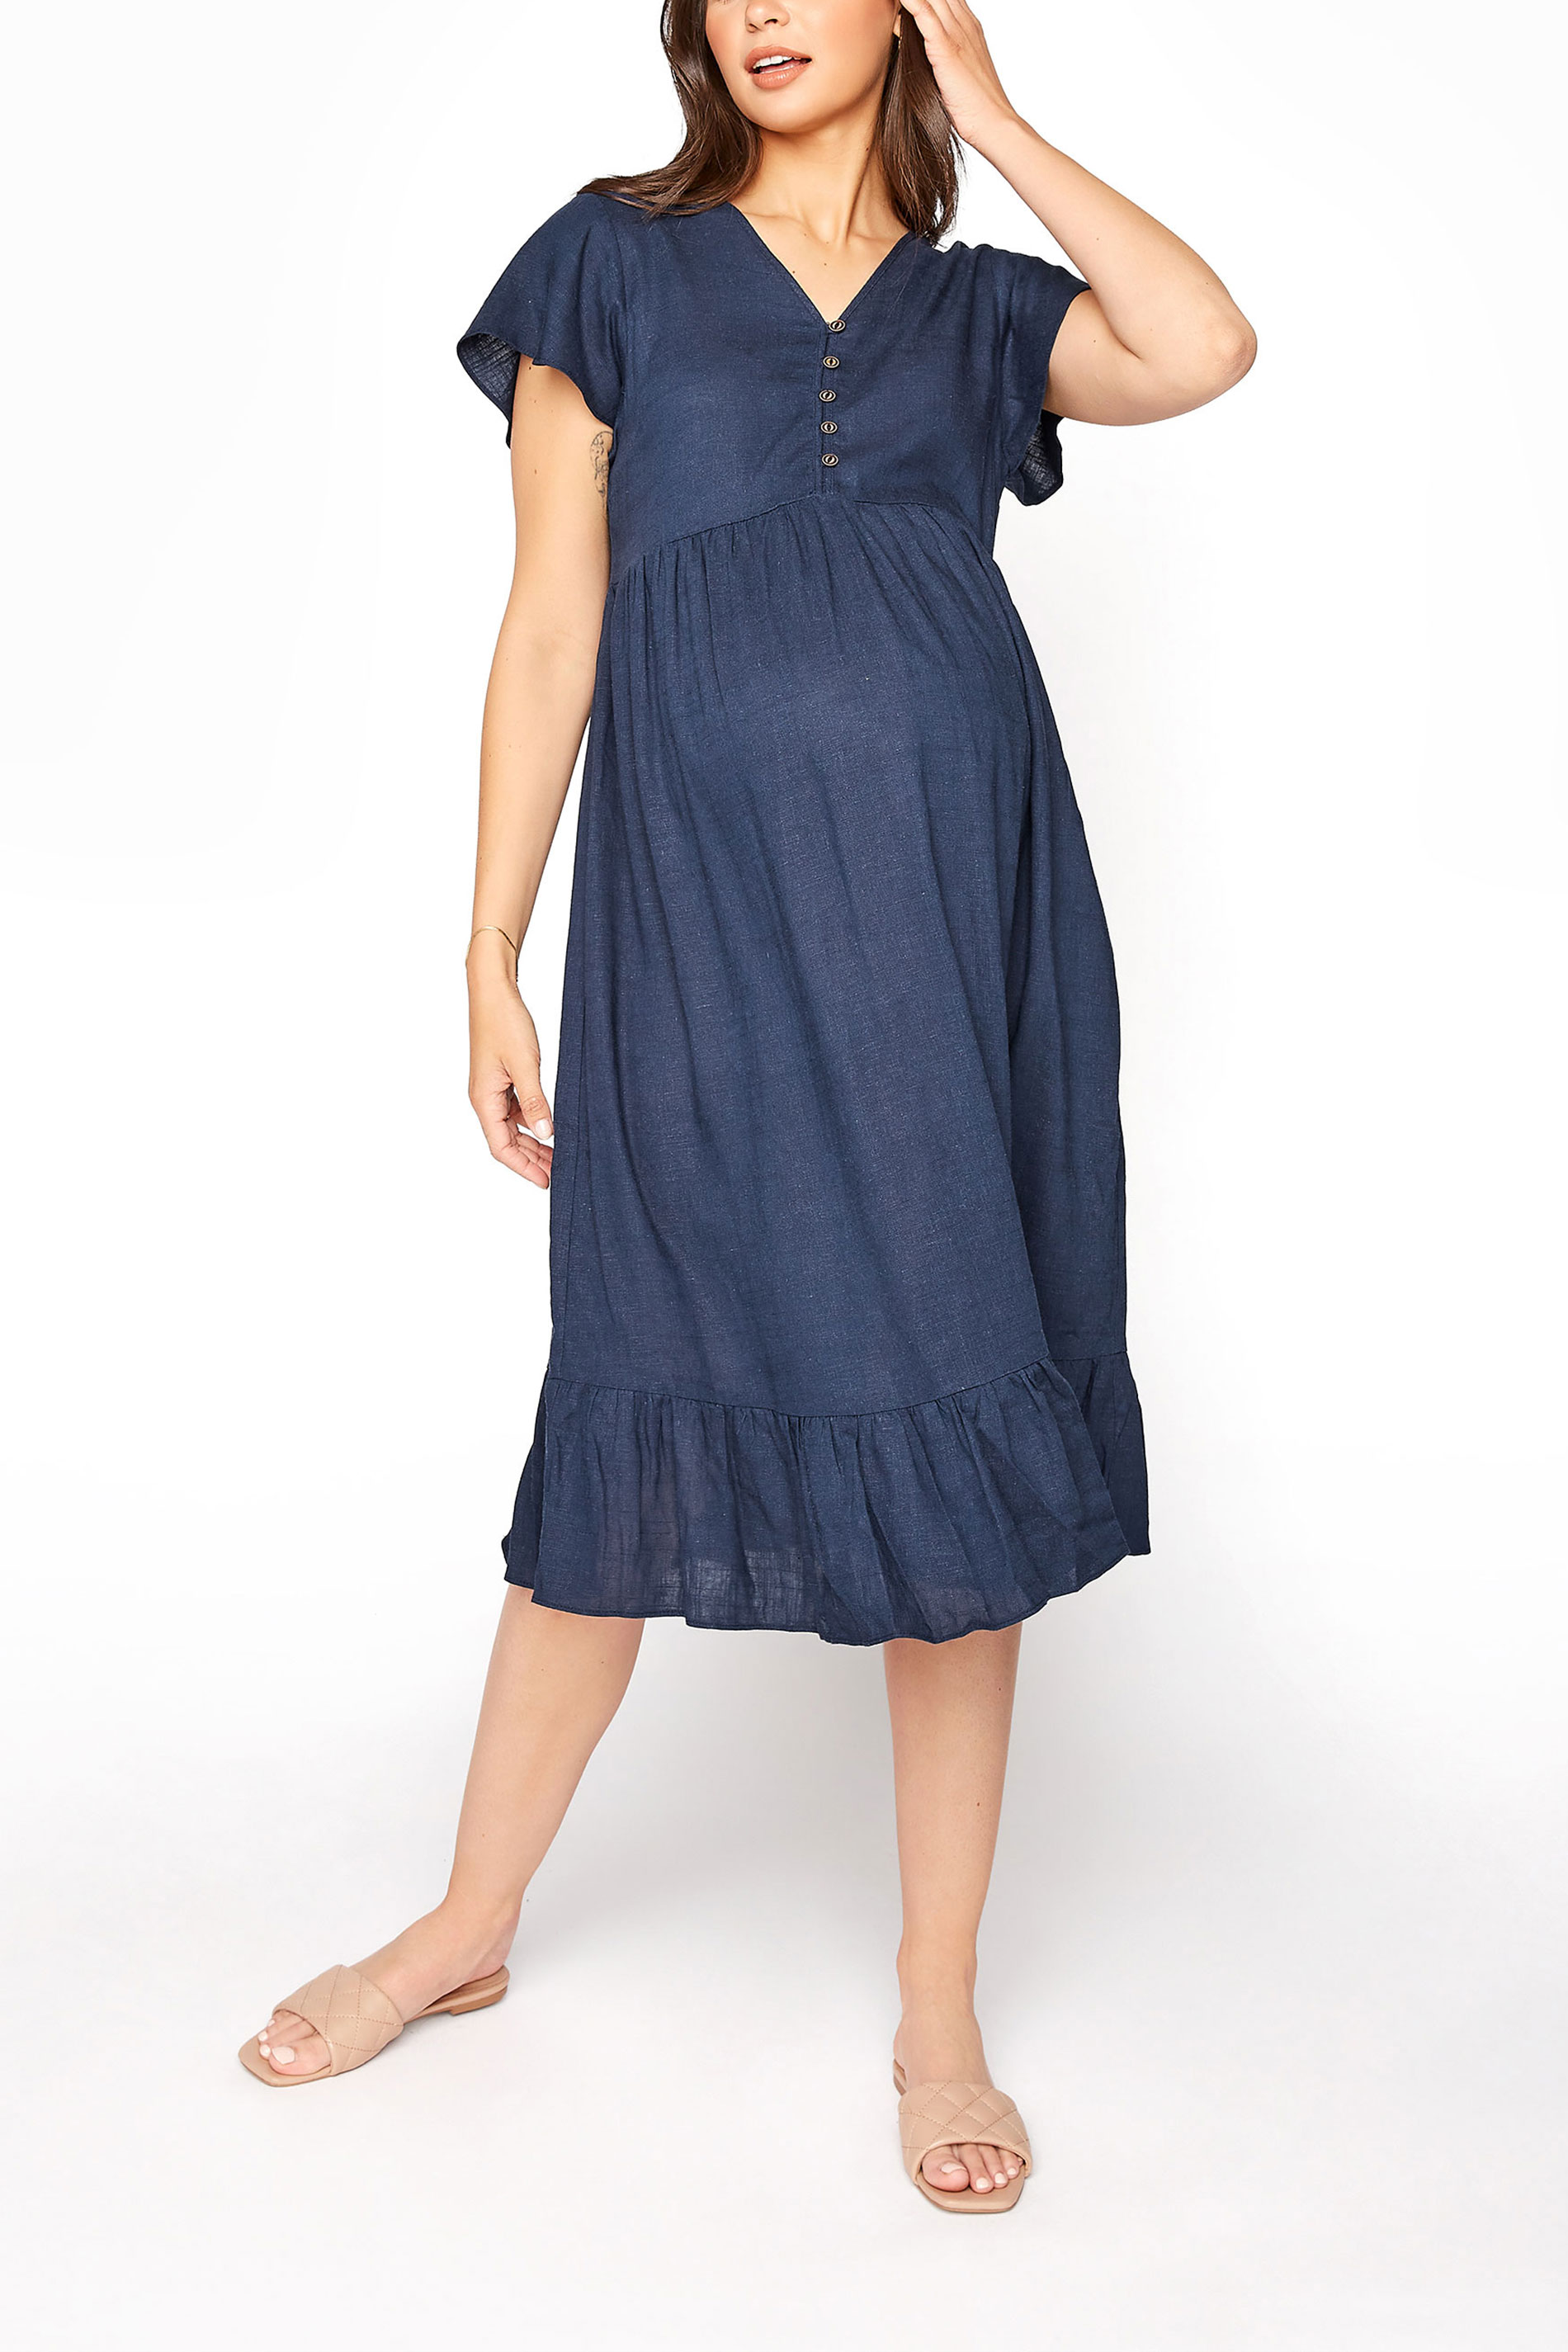 LTS Maternity Navy Linen-blend Dress_A.jpg